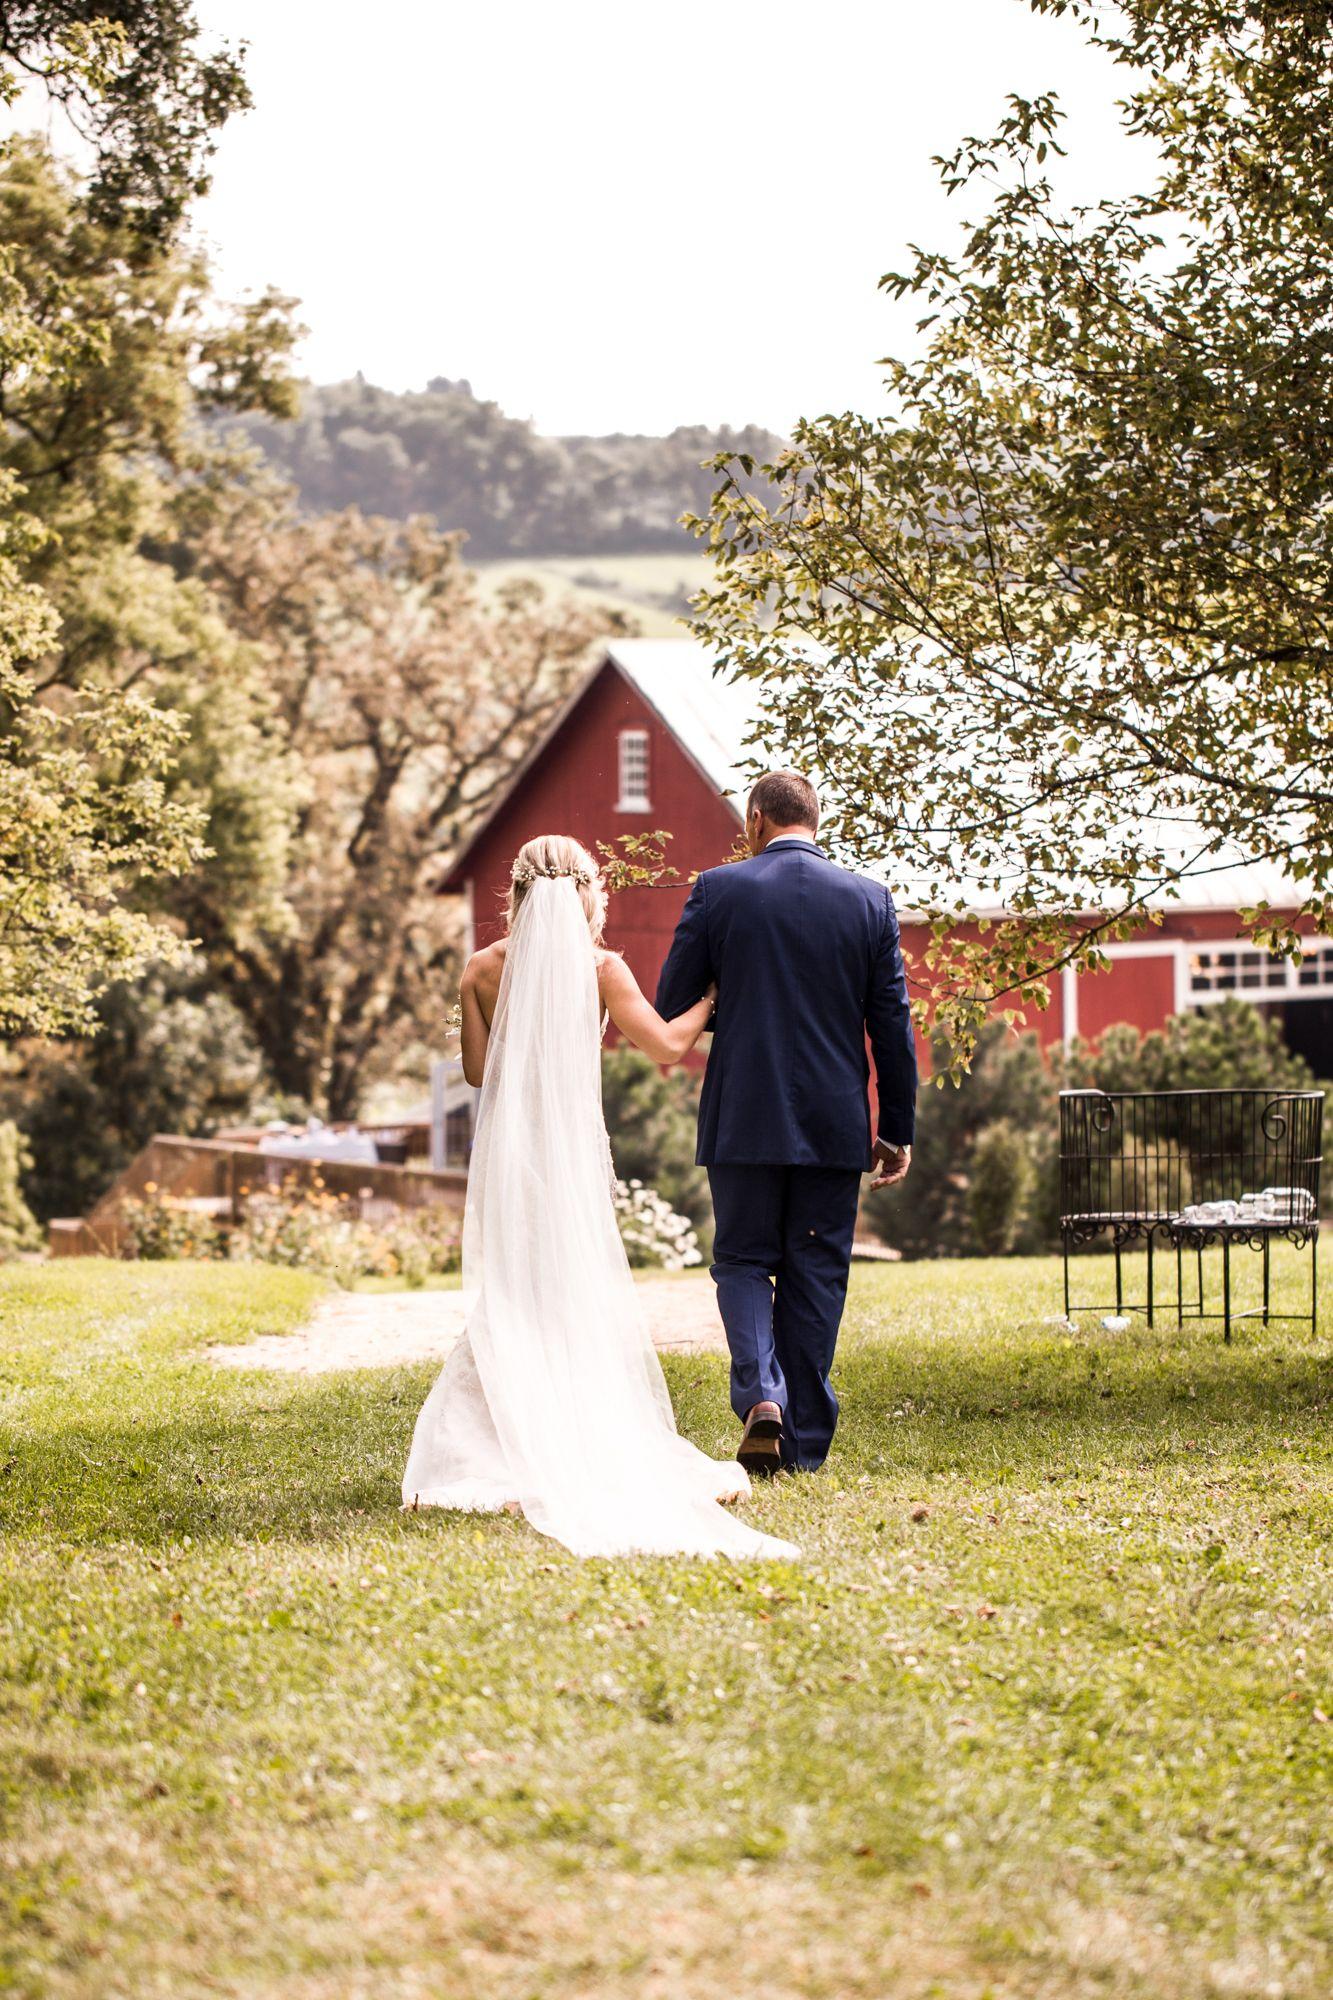 Jared + Bailey | Barn wedding venue, Garden venue, Wedding ...